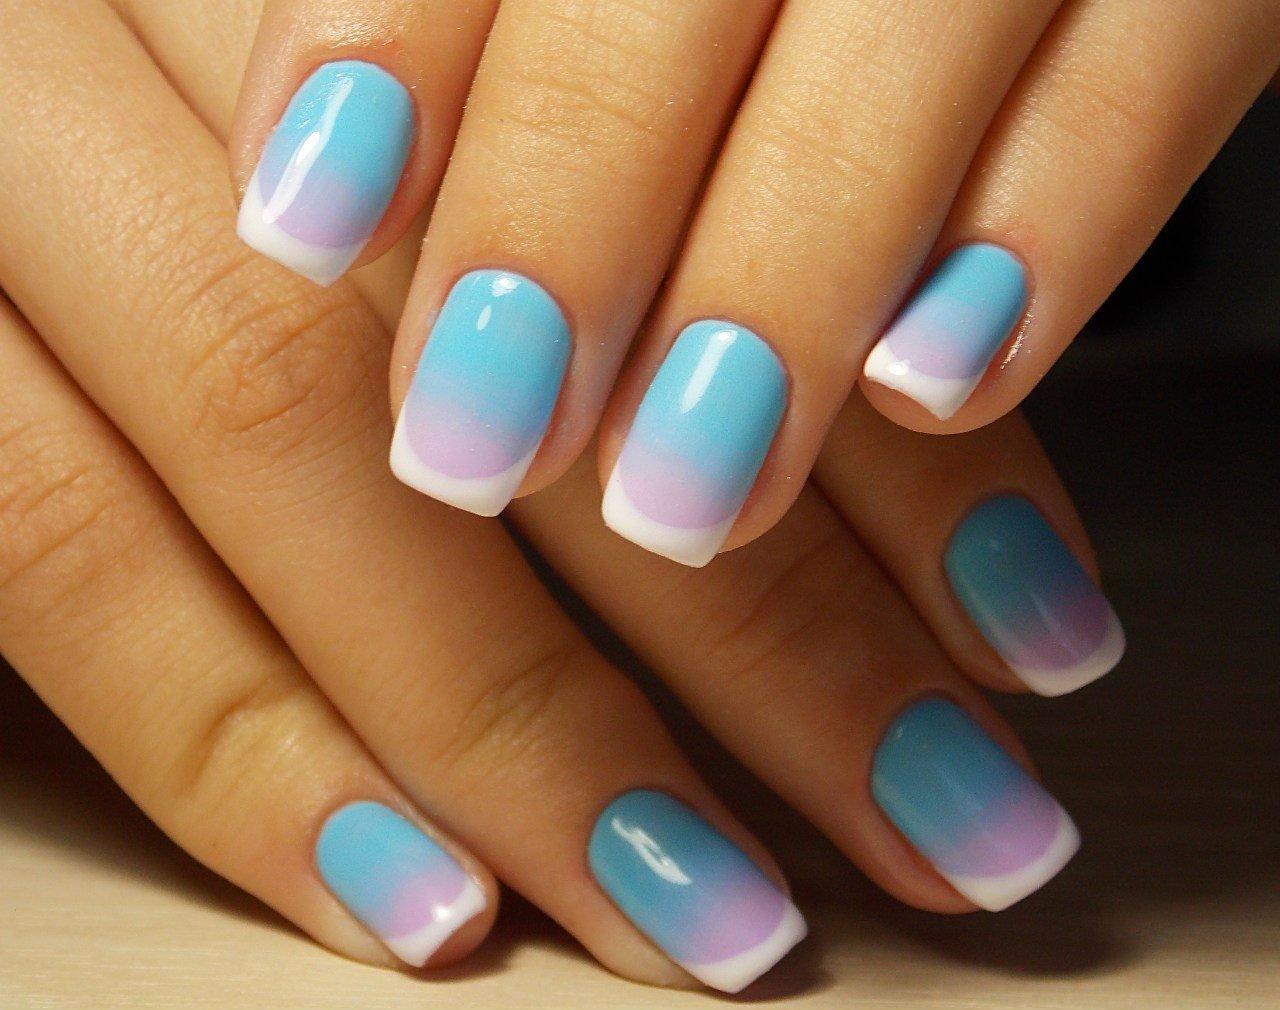 ногти гелевые дизайн фото лето новосибирске